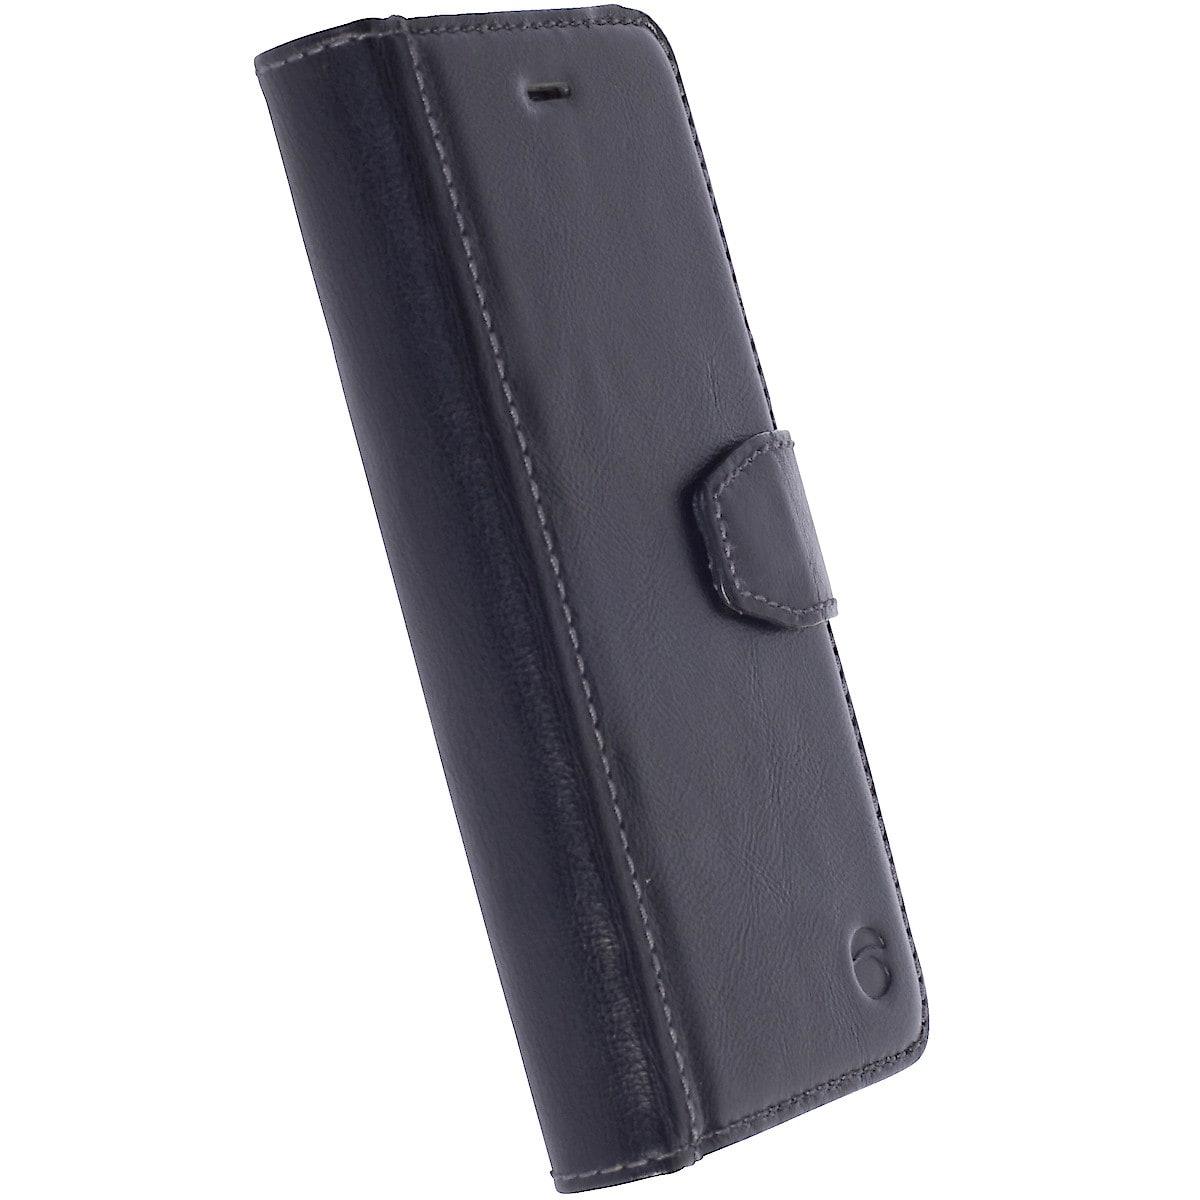 Taschenportemonnaie für iPhone 7 Plus, Krusell Sigtuna FolioWallet